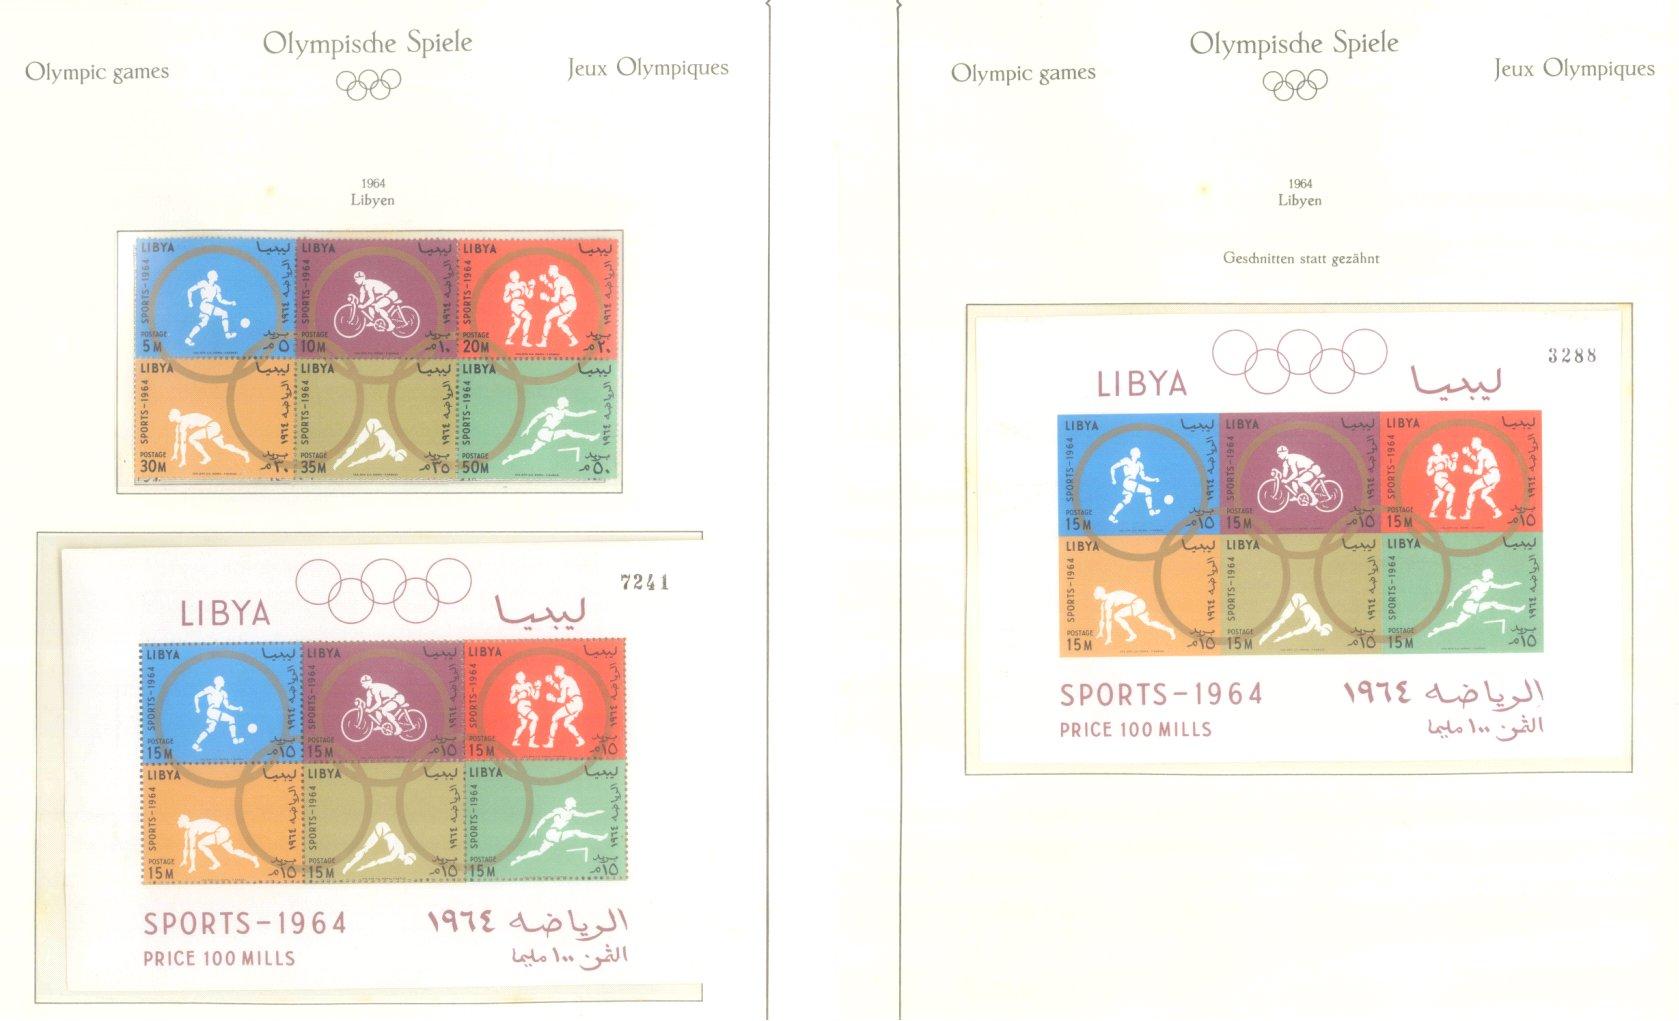 OLYMPISCHE SPIELE 1964 TOKIO, postfrische Sammlung Teil 1-43